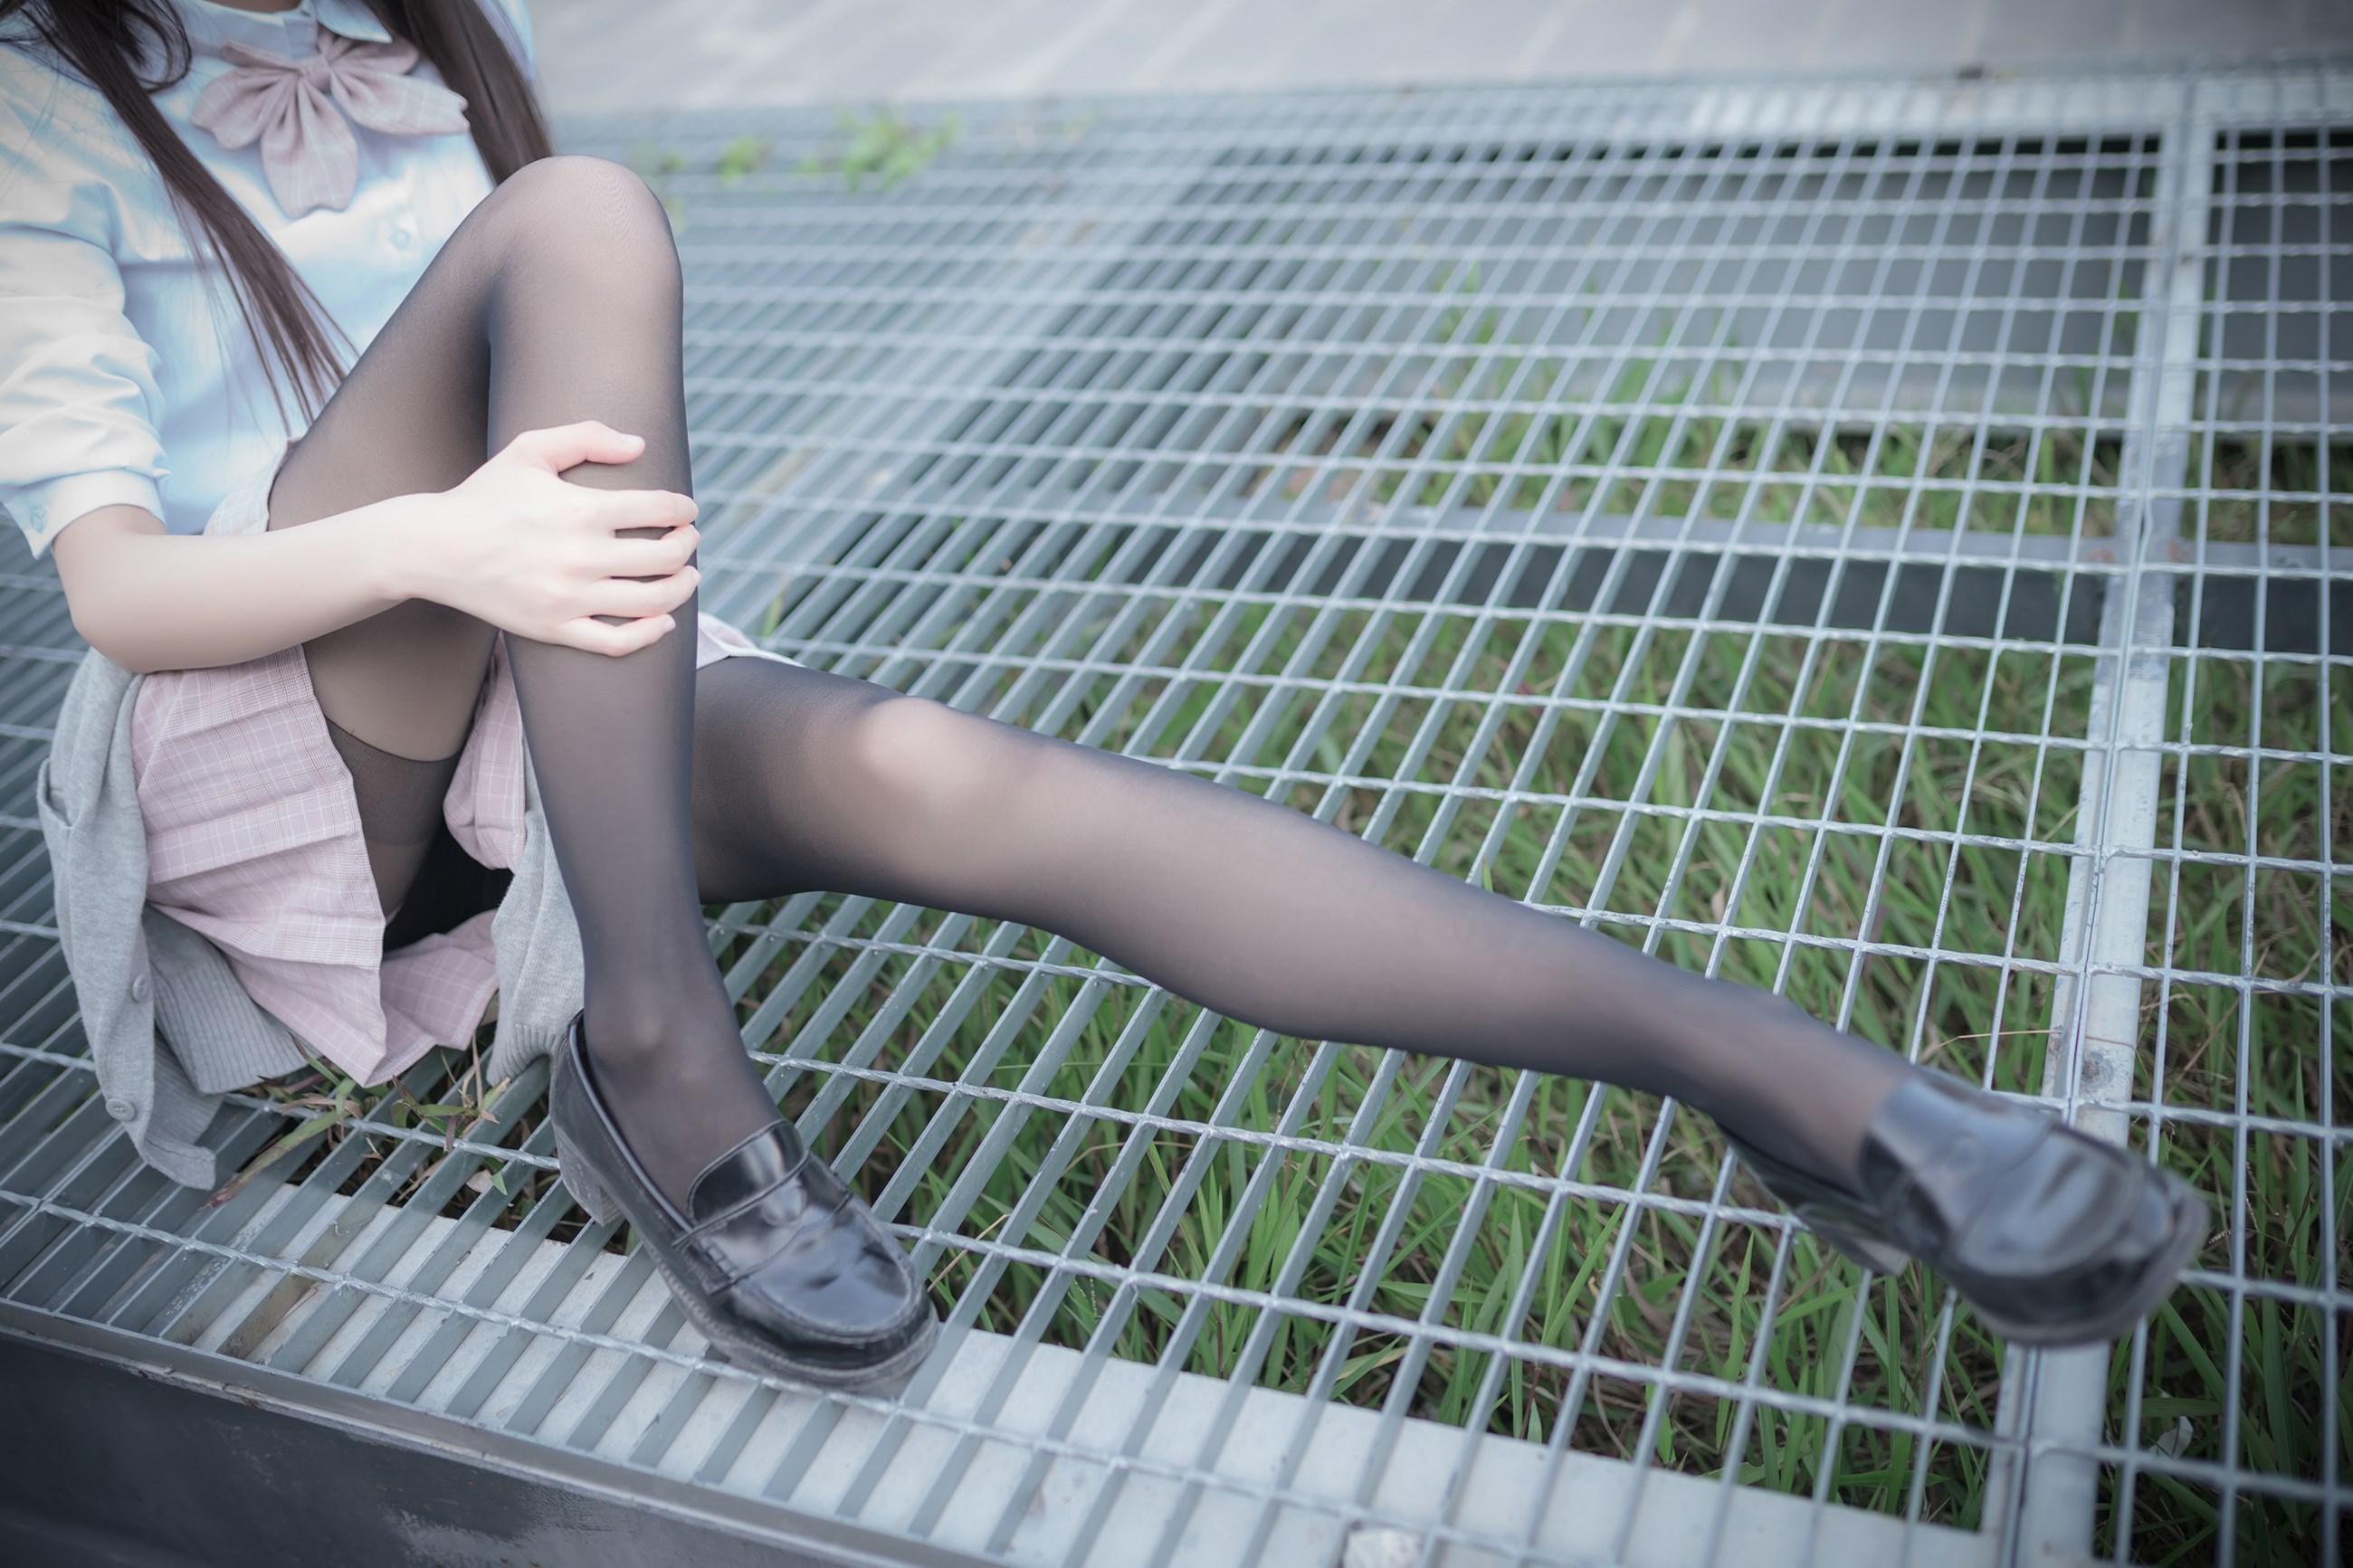 【兔玩映画】铁轨旁的小细腿 兔玩映画 第35张